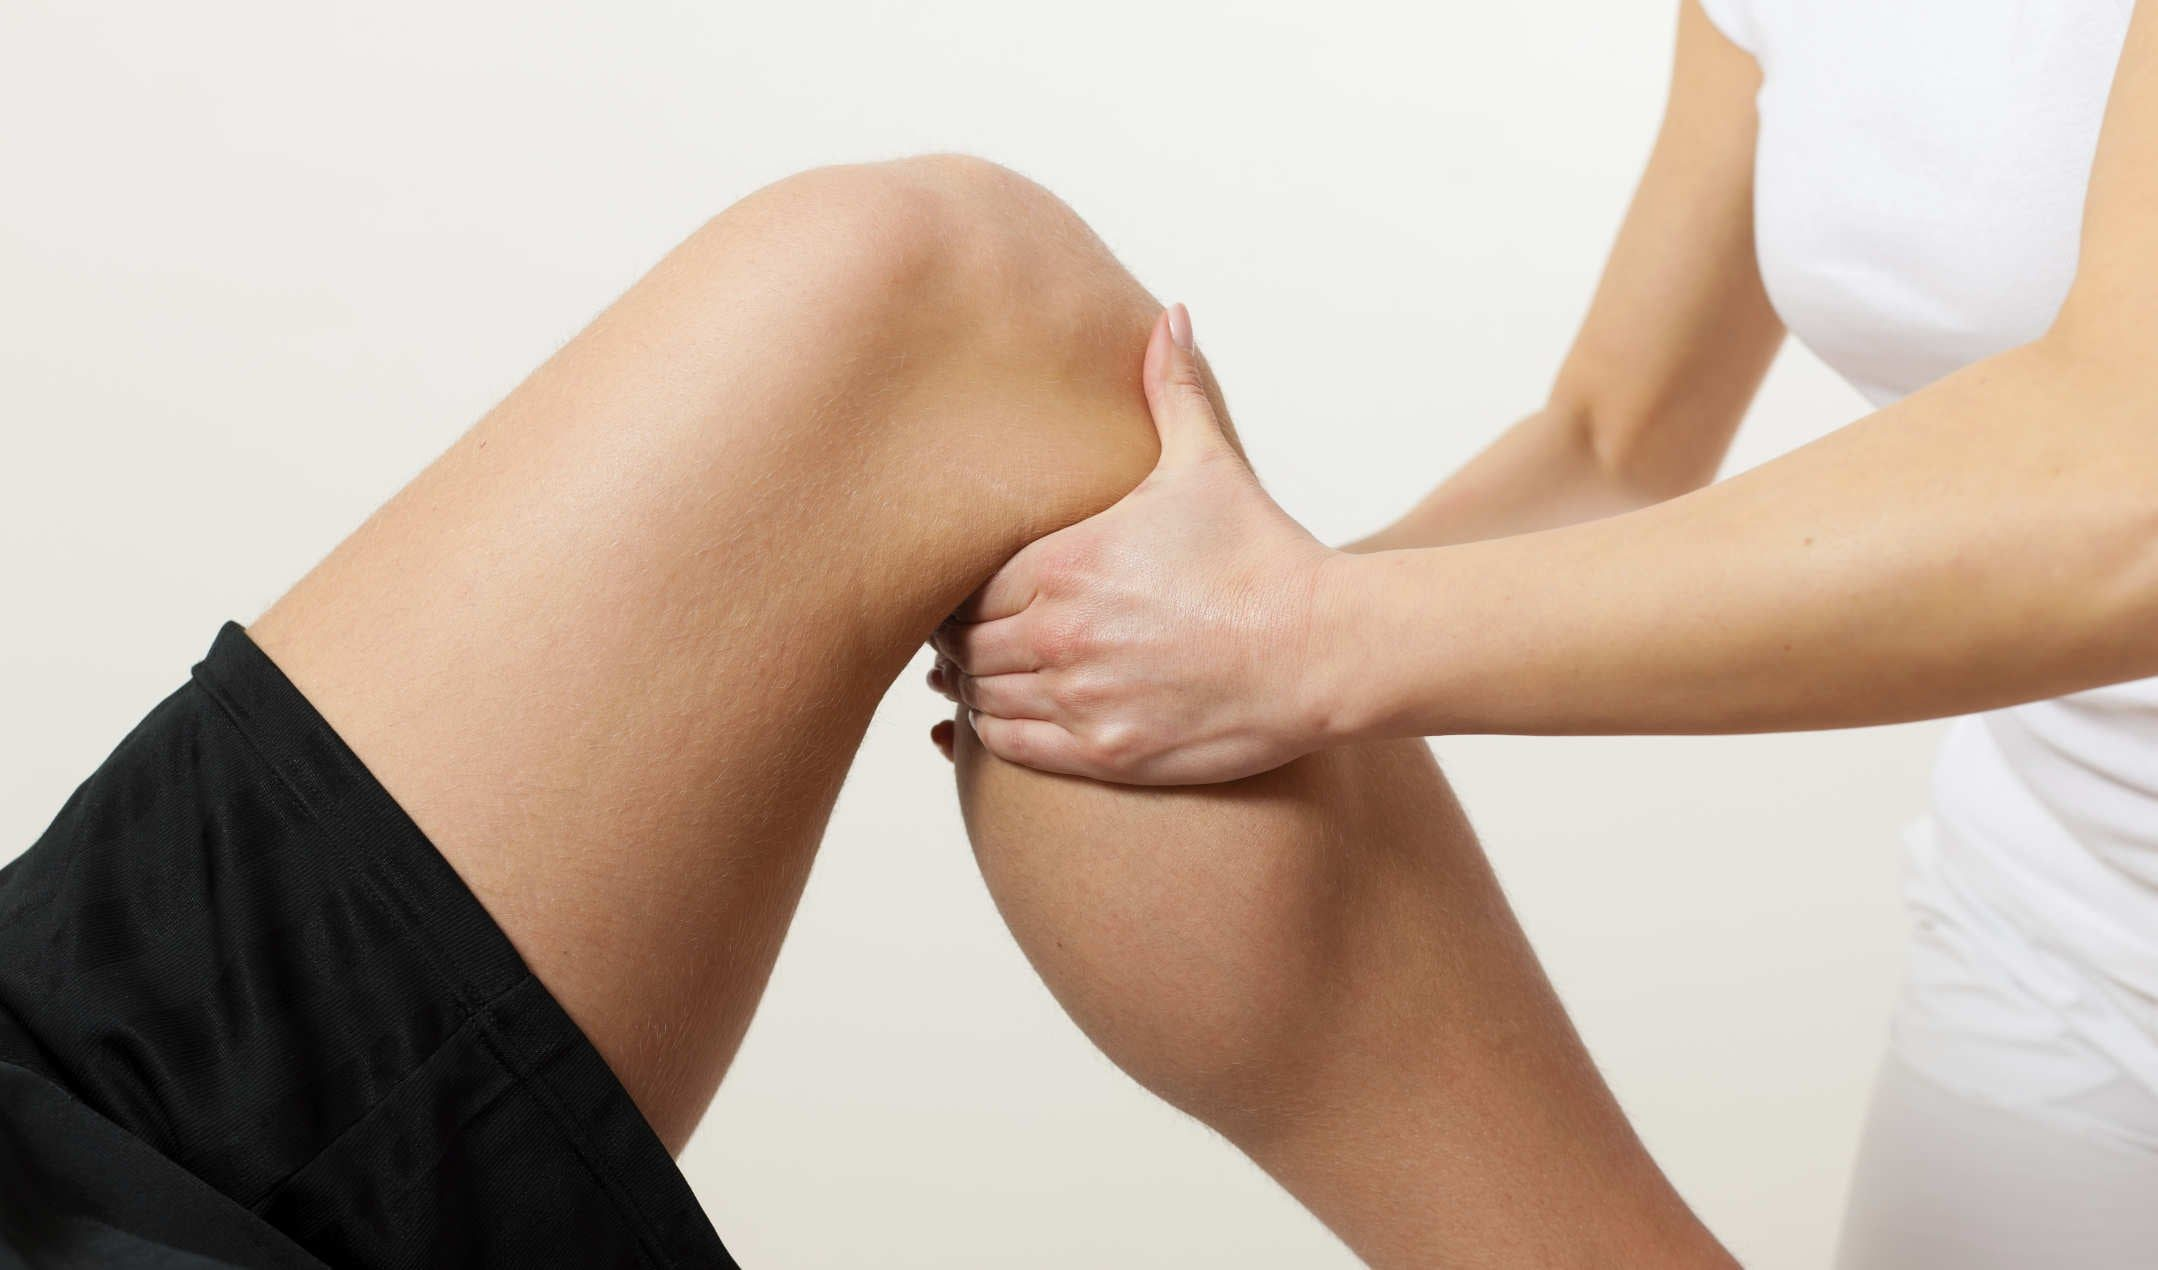 моему мнению лечение артроза коленного сустава цена мило.)) Полностью